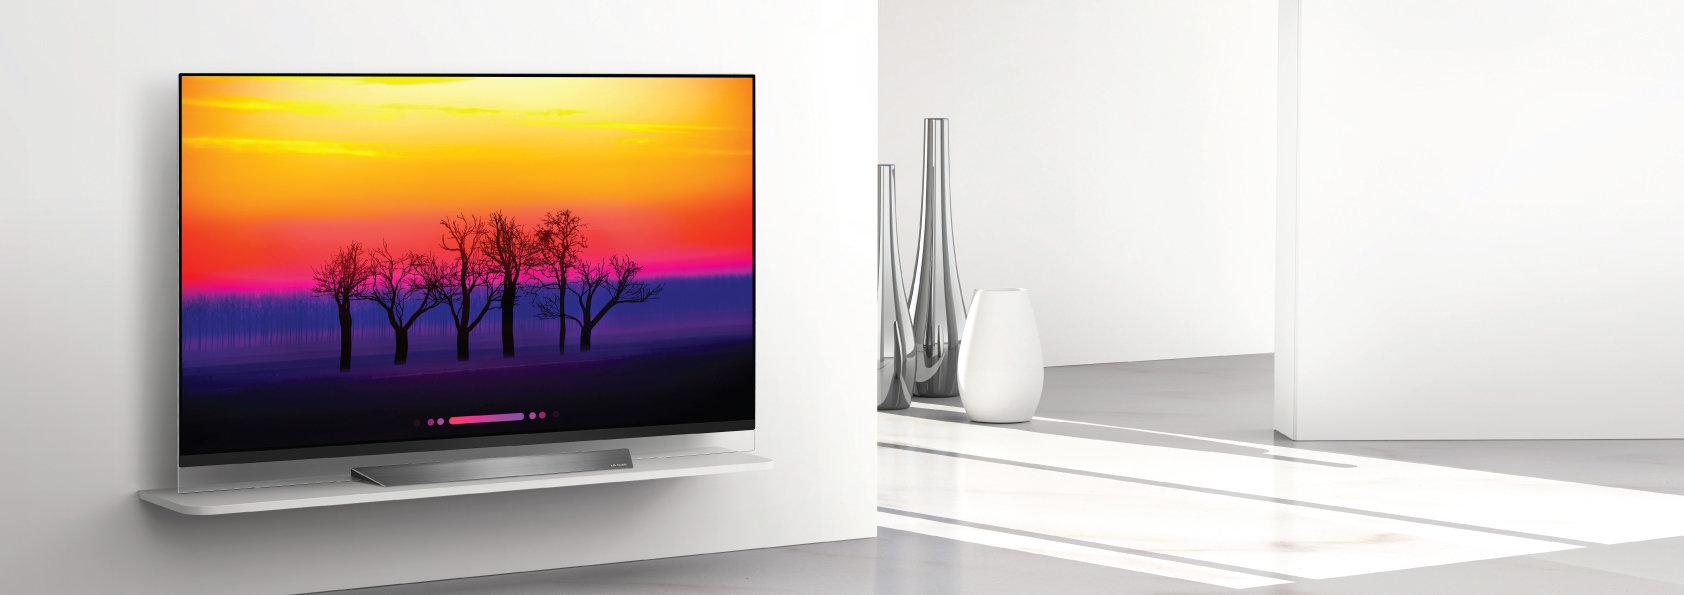 TELEWIZORY LG OLED TV ZE SZTUCZNA INTELIGENCJĄ W JĘZYKU POLSKIM WCHODZĄ NA SALONY